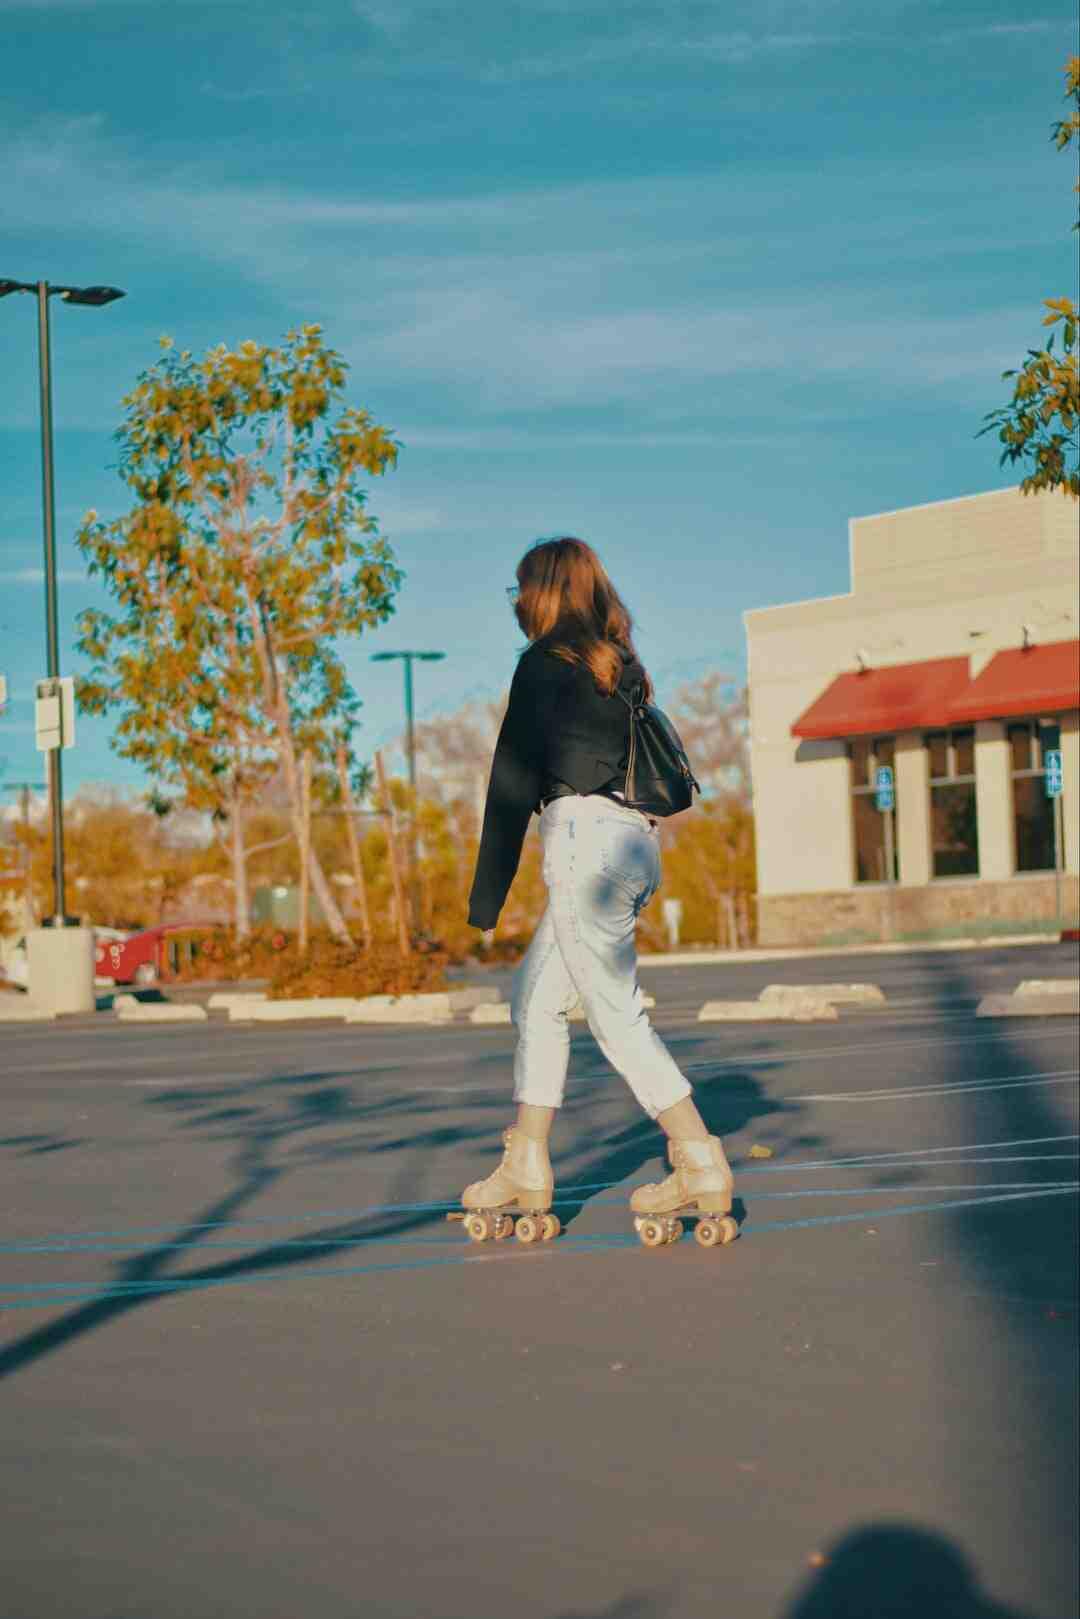 Comment apprendre à patiner avec des patins à roulettes ?